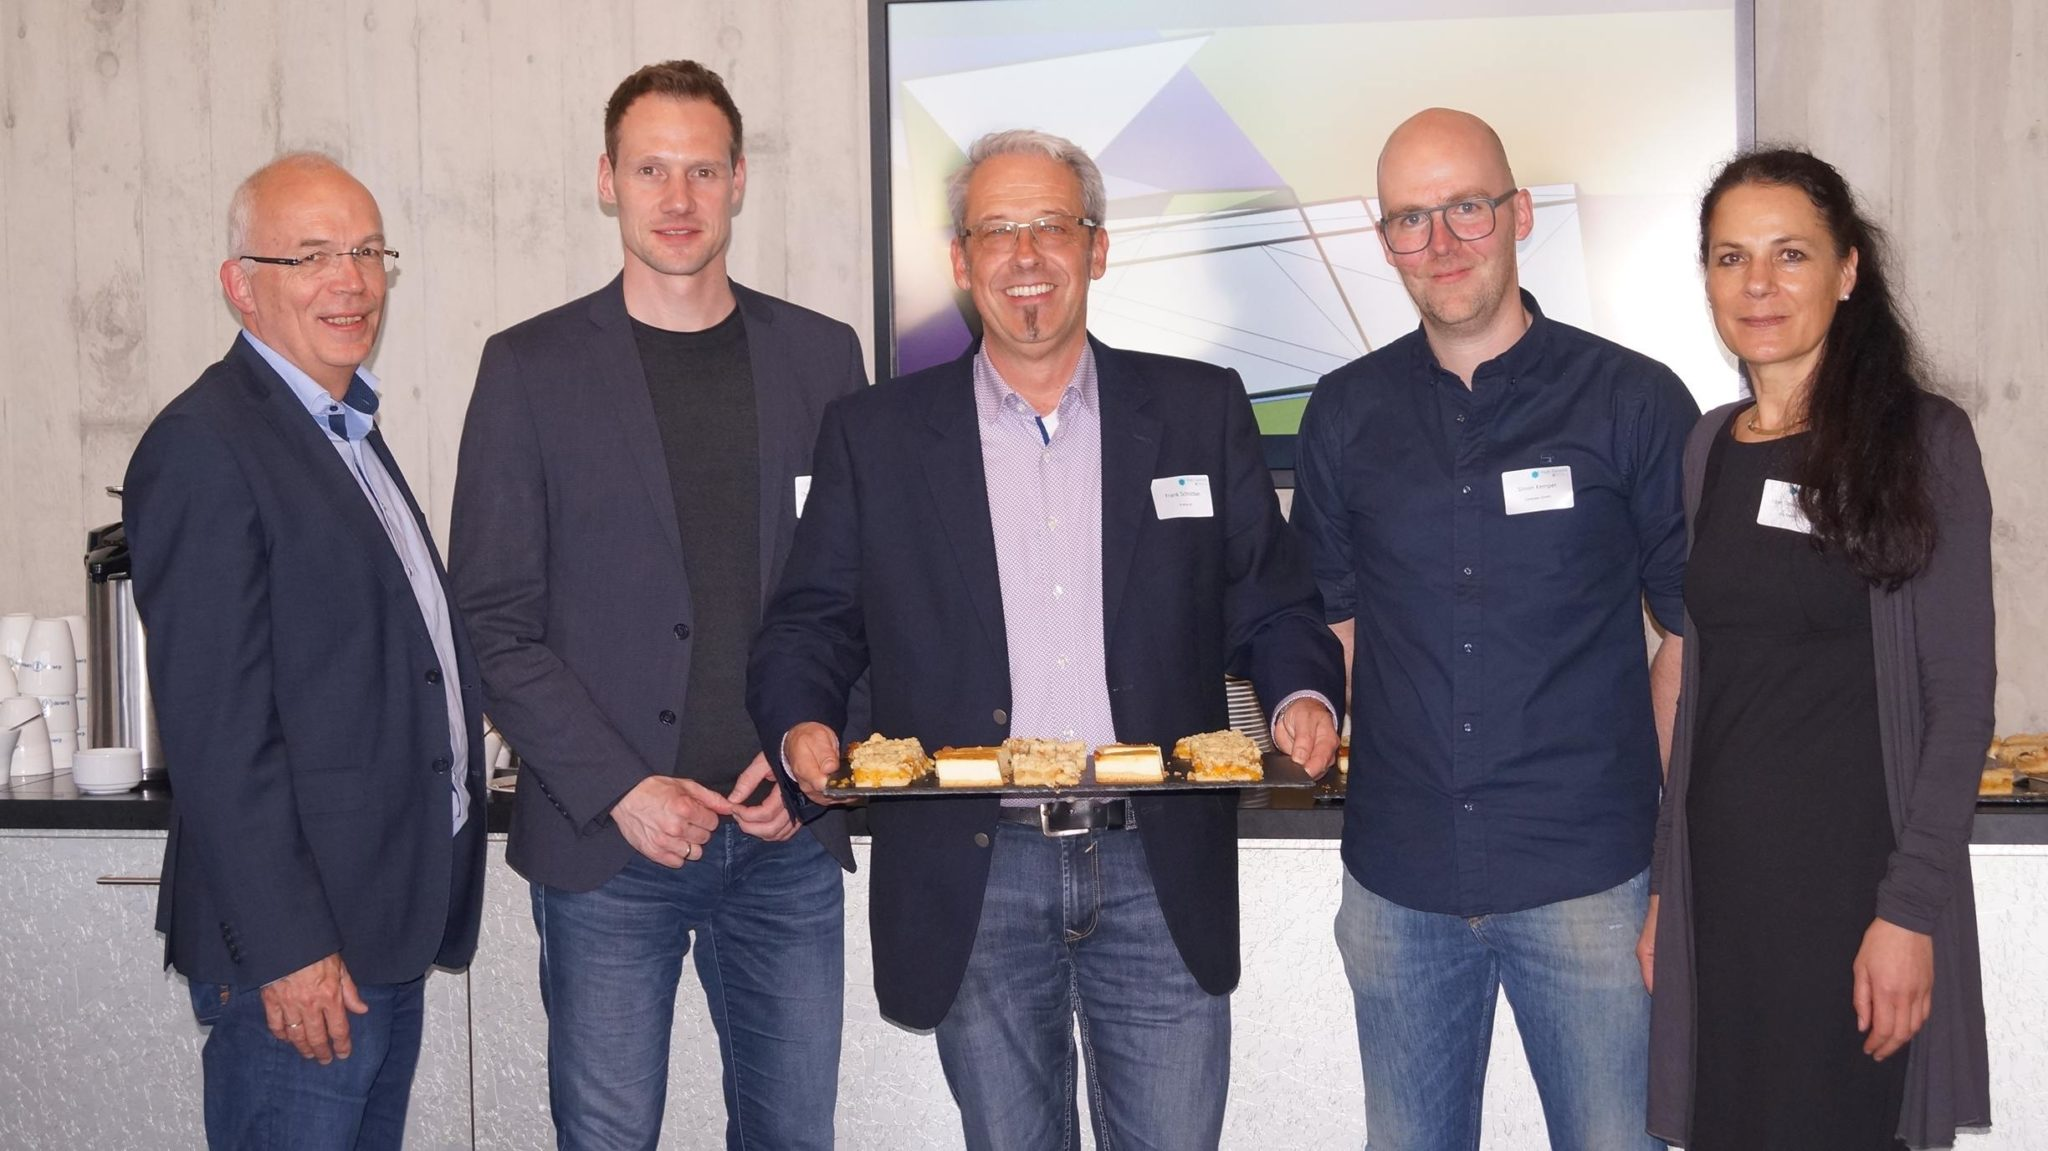 Erstes Hub:Satellit Digital Cafe am d.velop Campus in Gescher war ein voller Erfolg